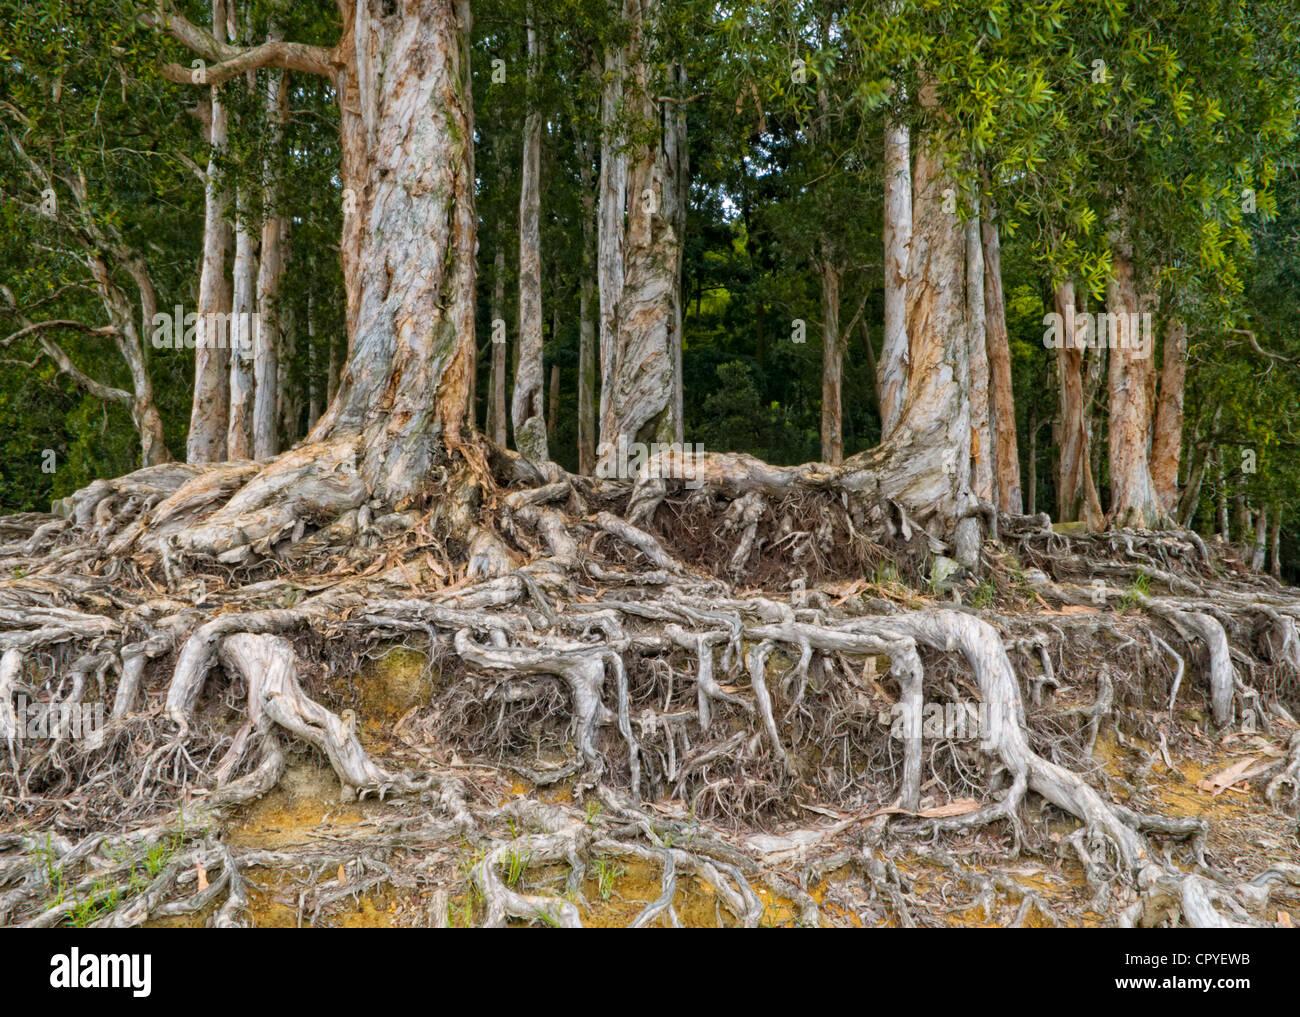 Paper-bark Tree (Melaleuca quinquenervia) in Shing Mun Country Park Hong Kong. - Stock Image